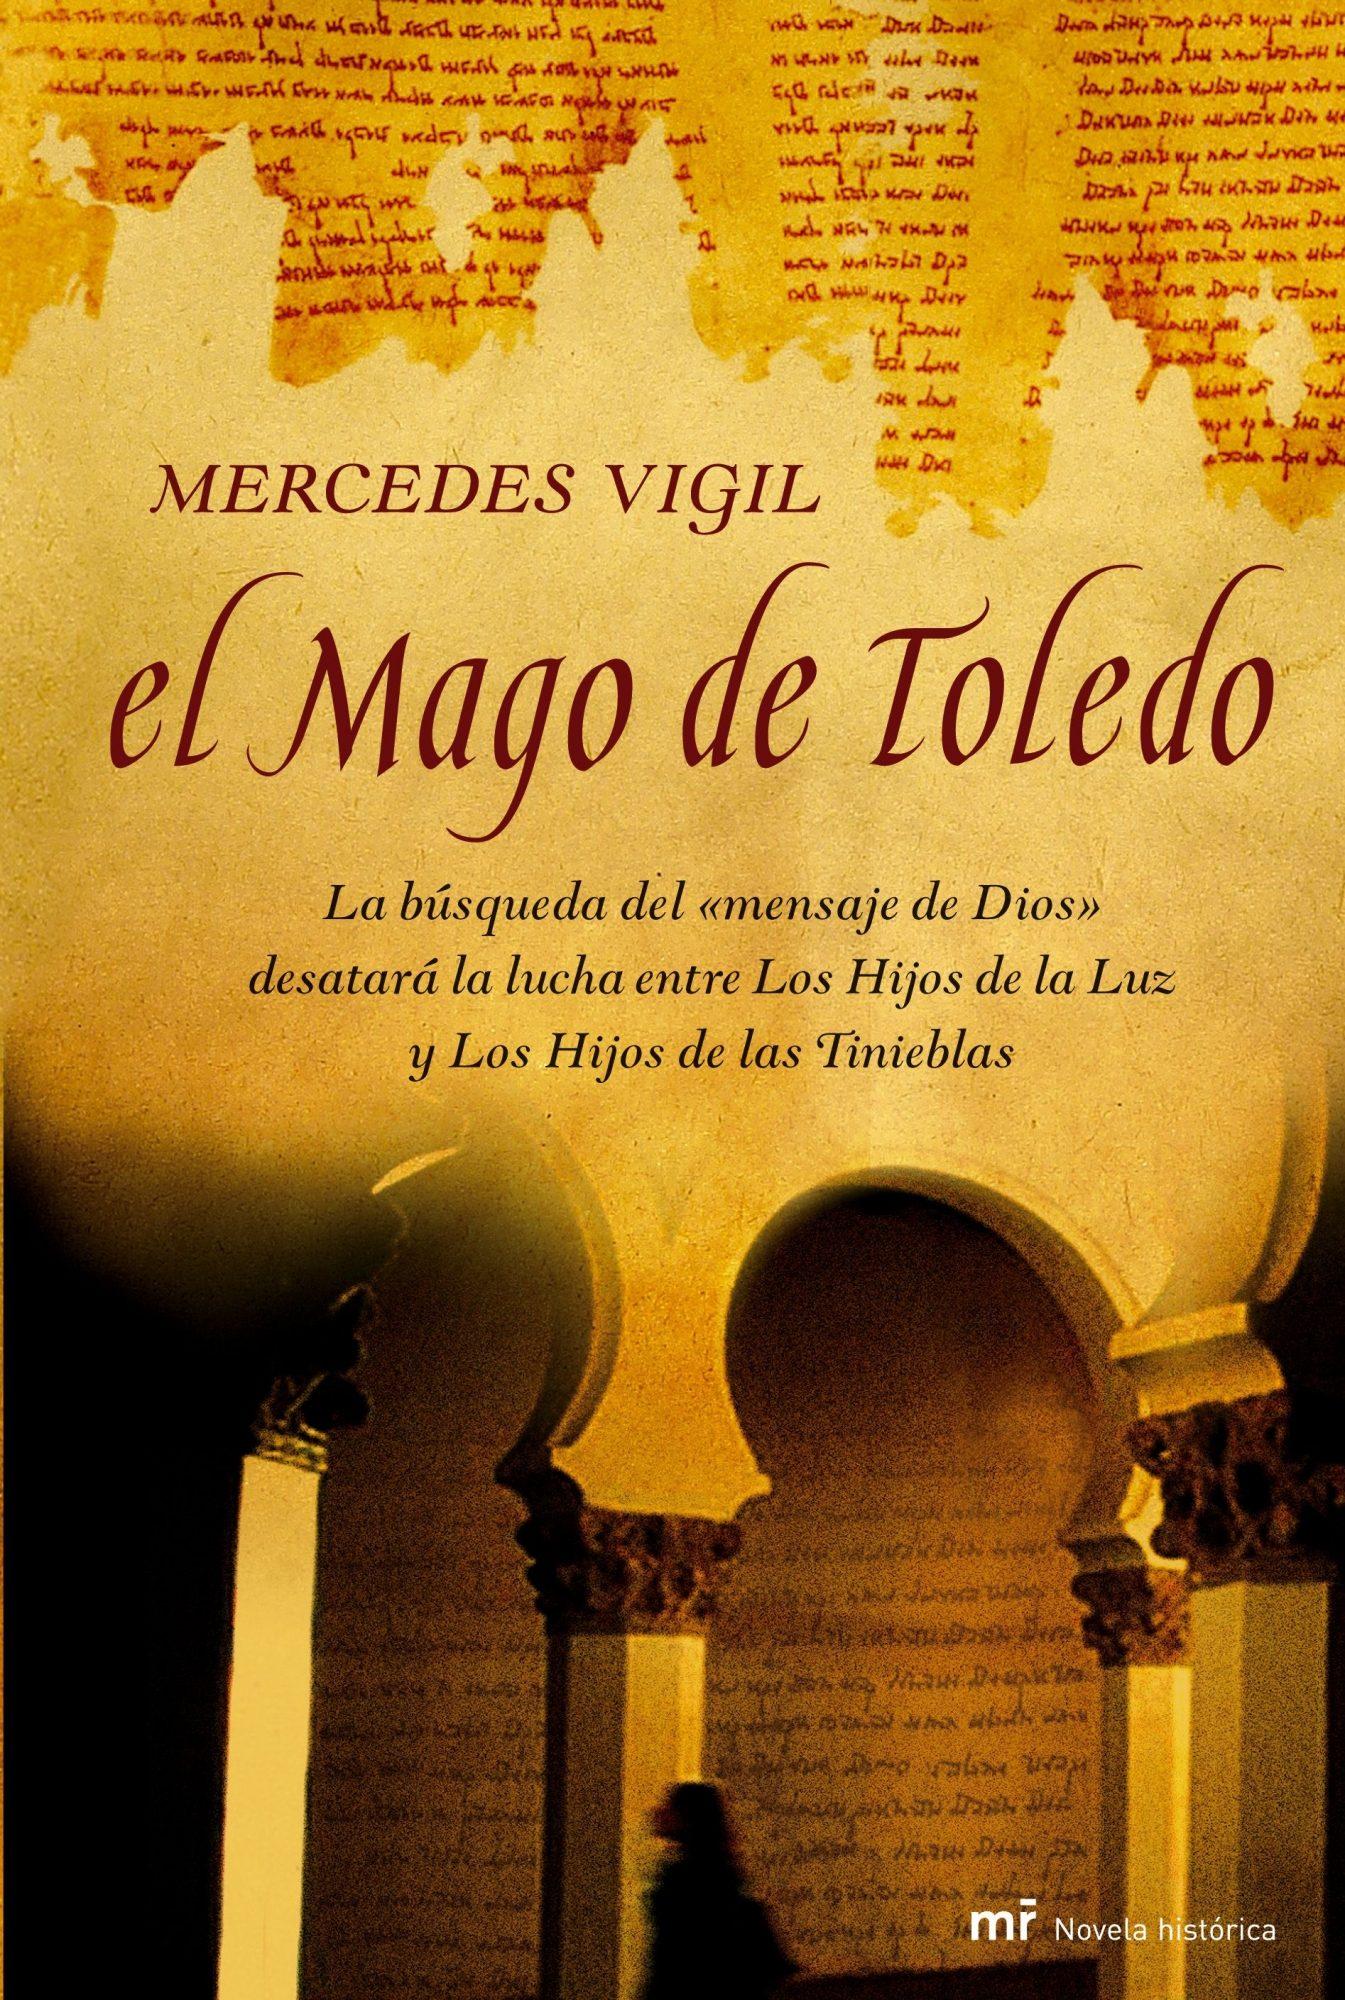 """Portada novela """"El Mago de Toledo"""" de Mercedes Vigil"""